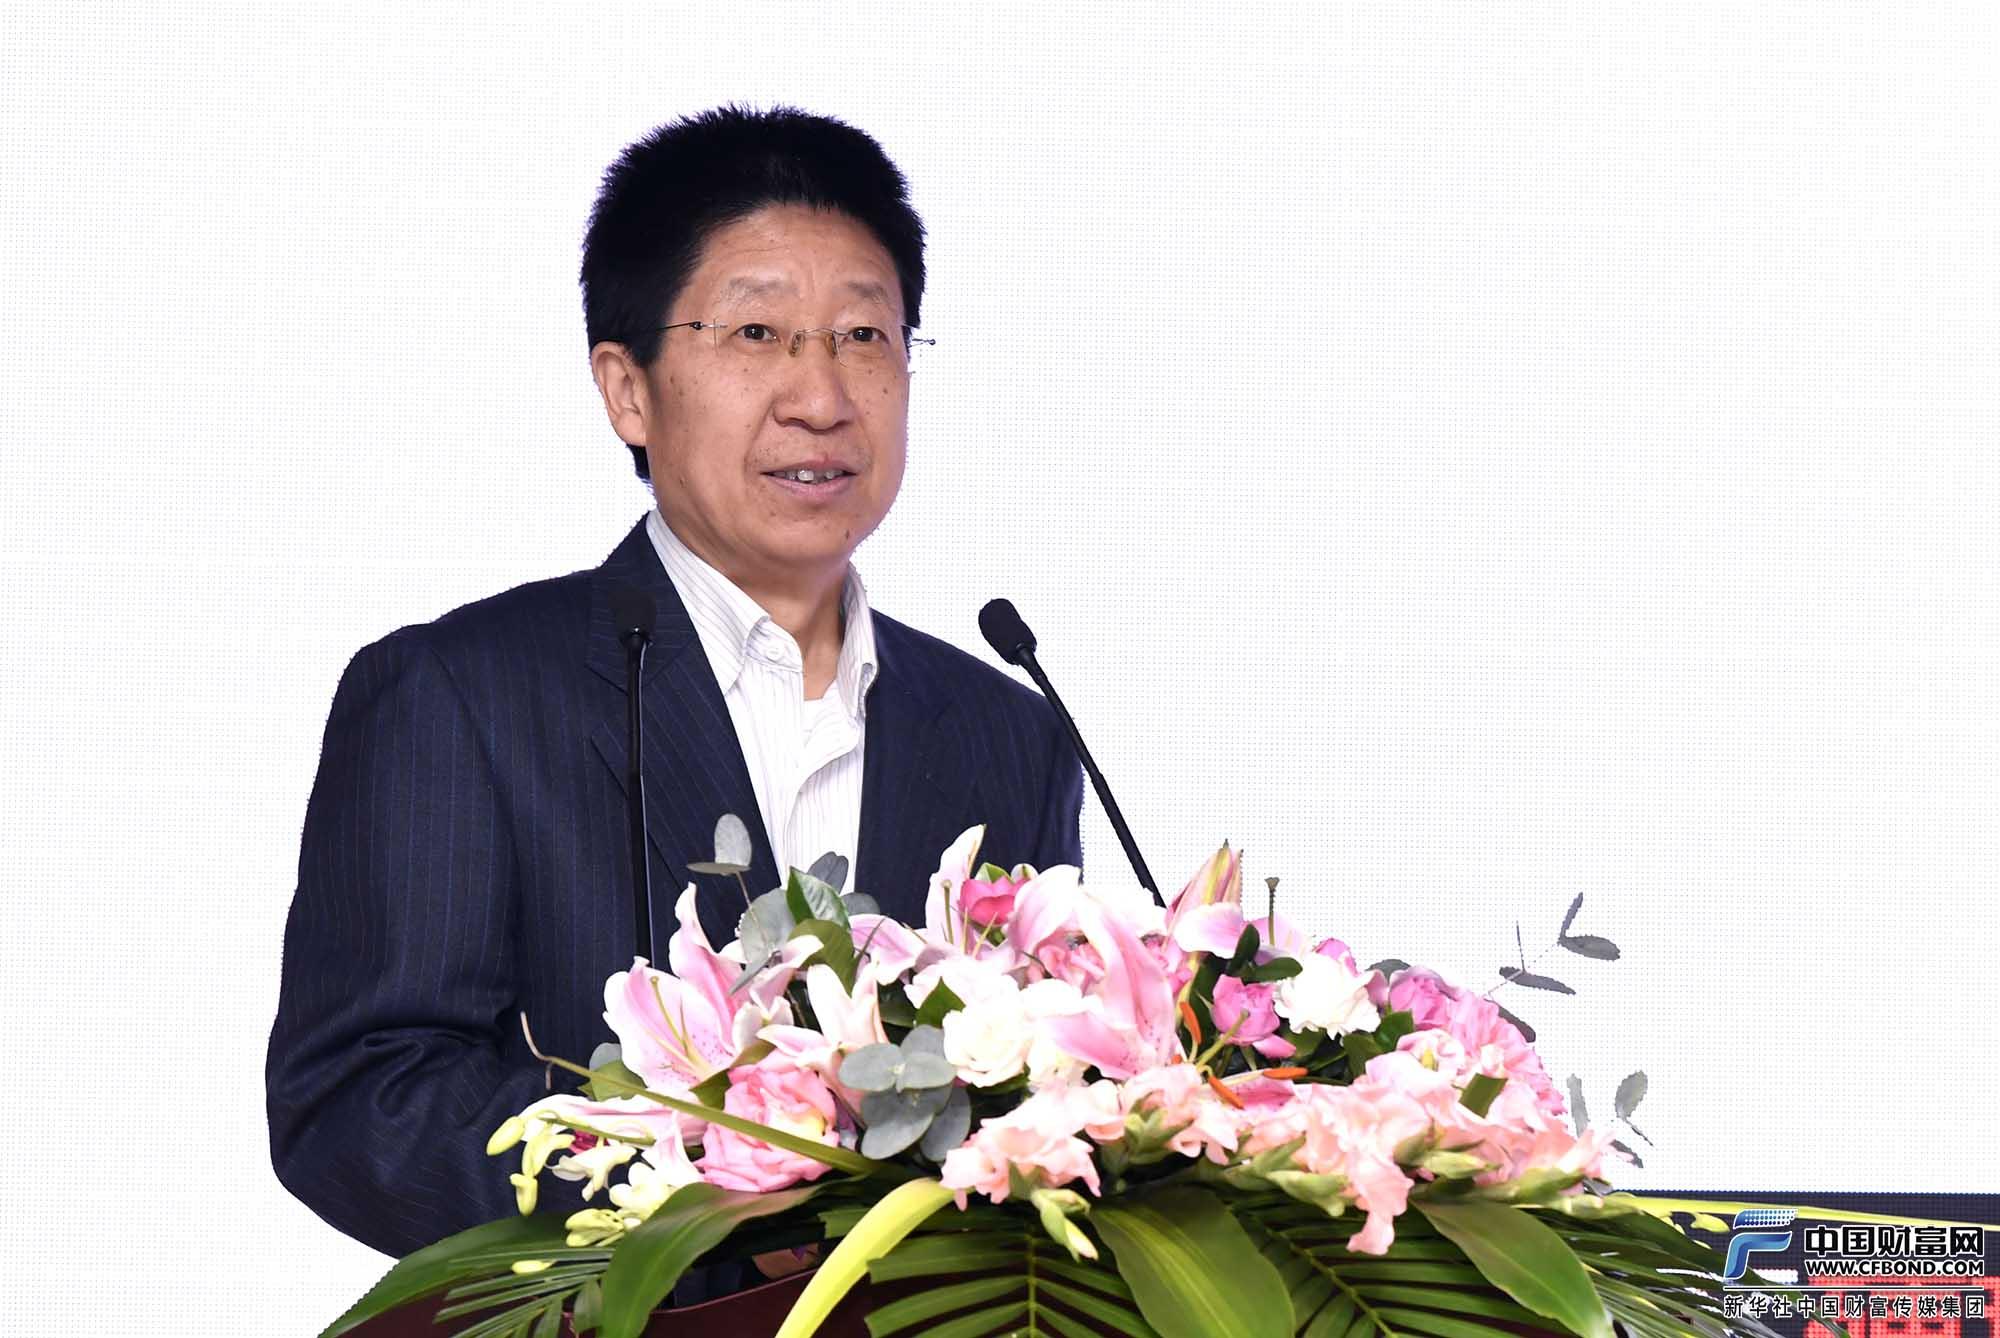 中国证券报副总编辑、中国财富网总编辑孔雪松发布东、中、西部地区营商环境前五名